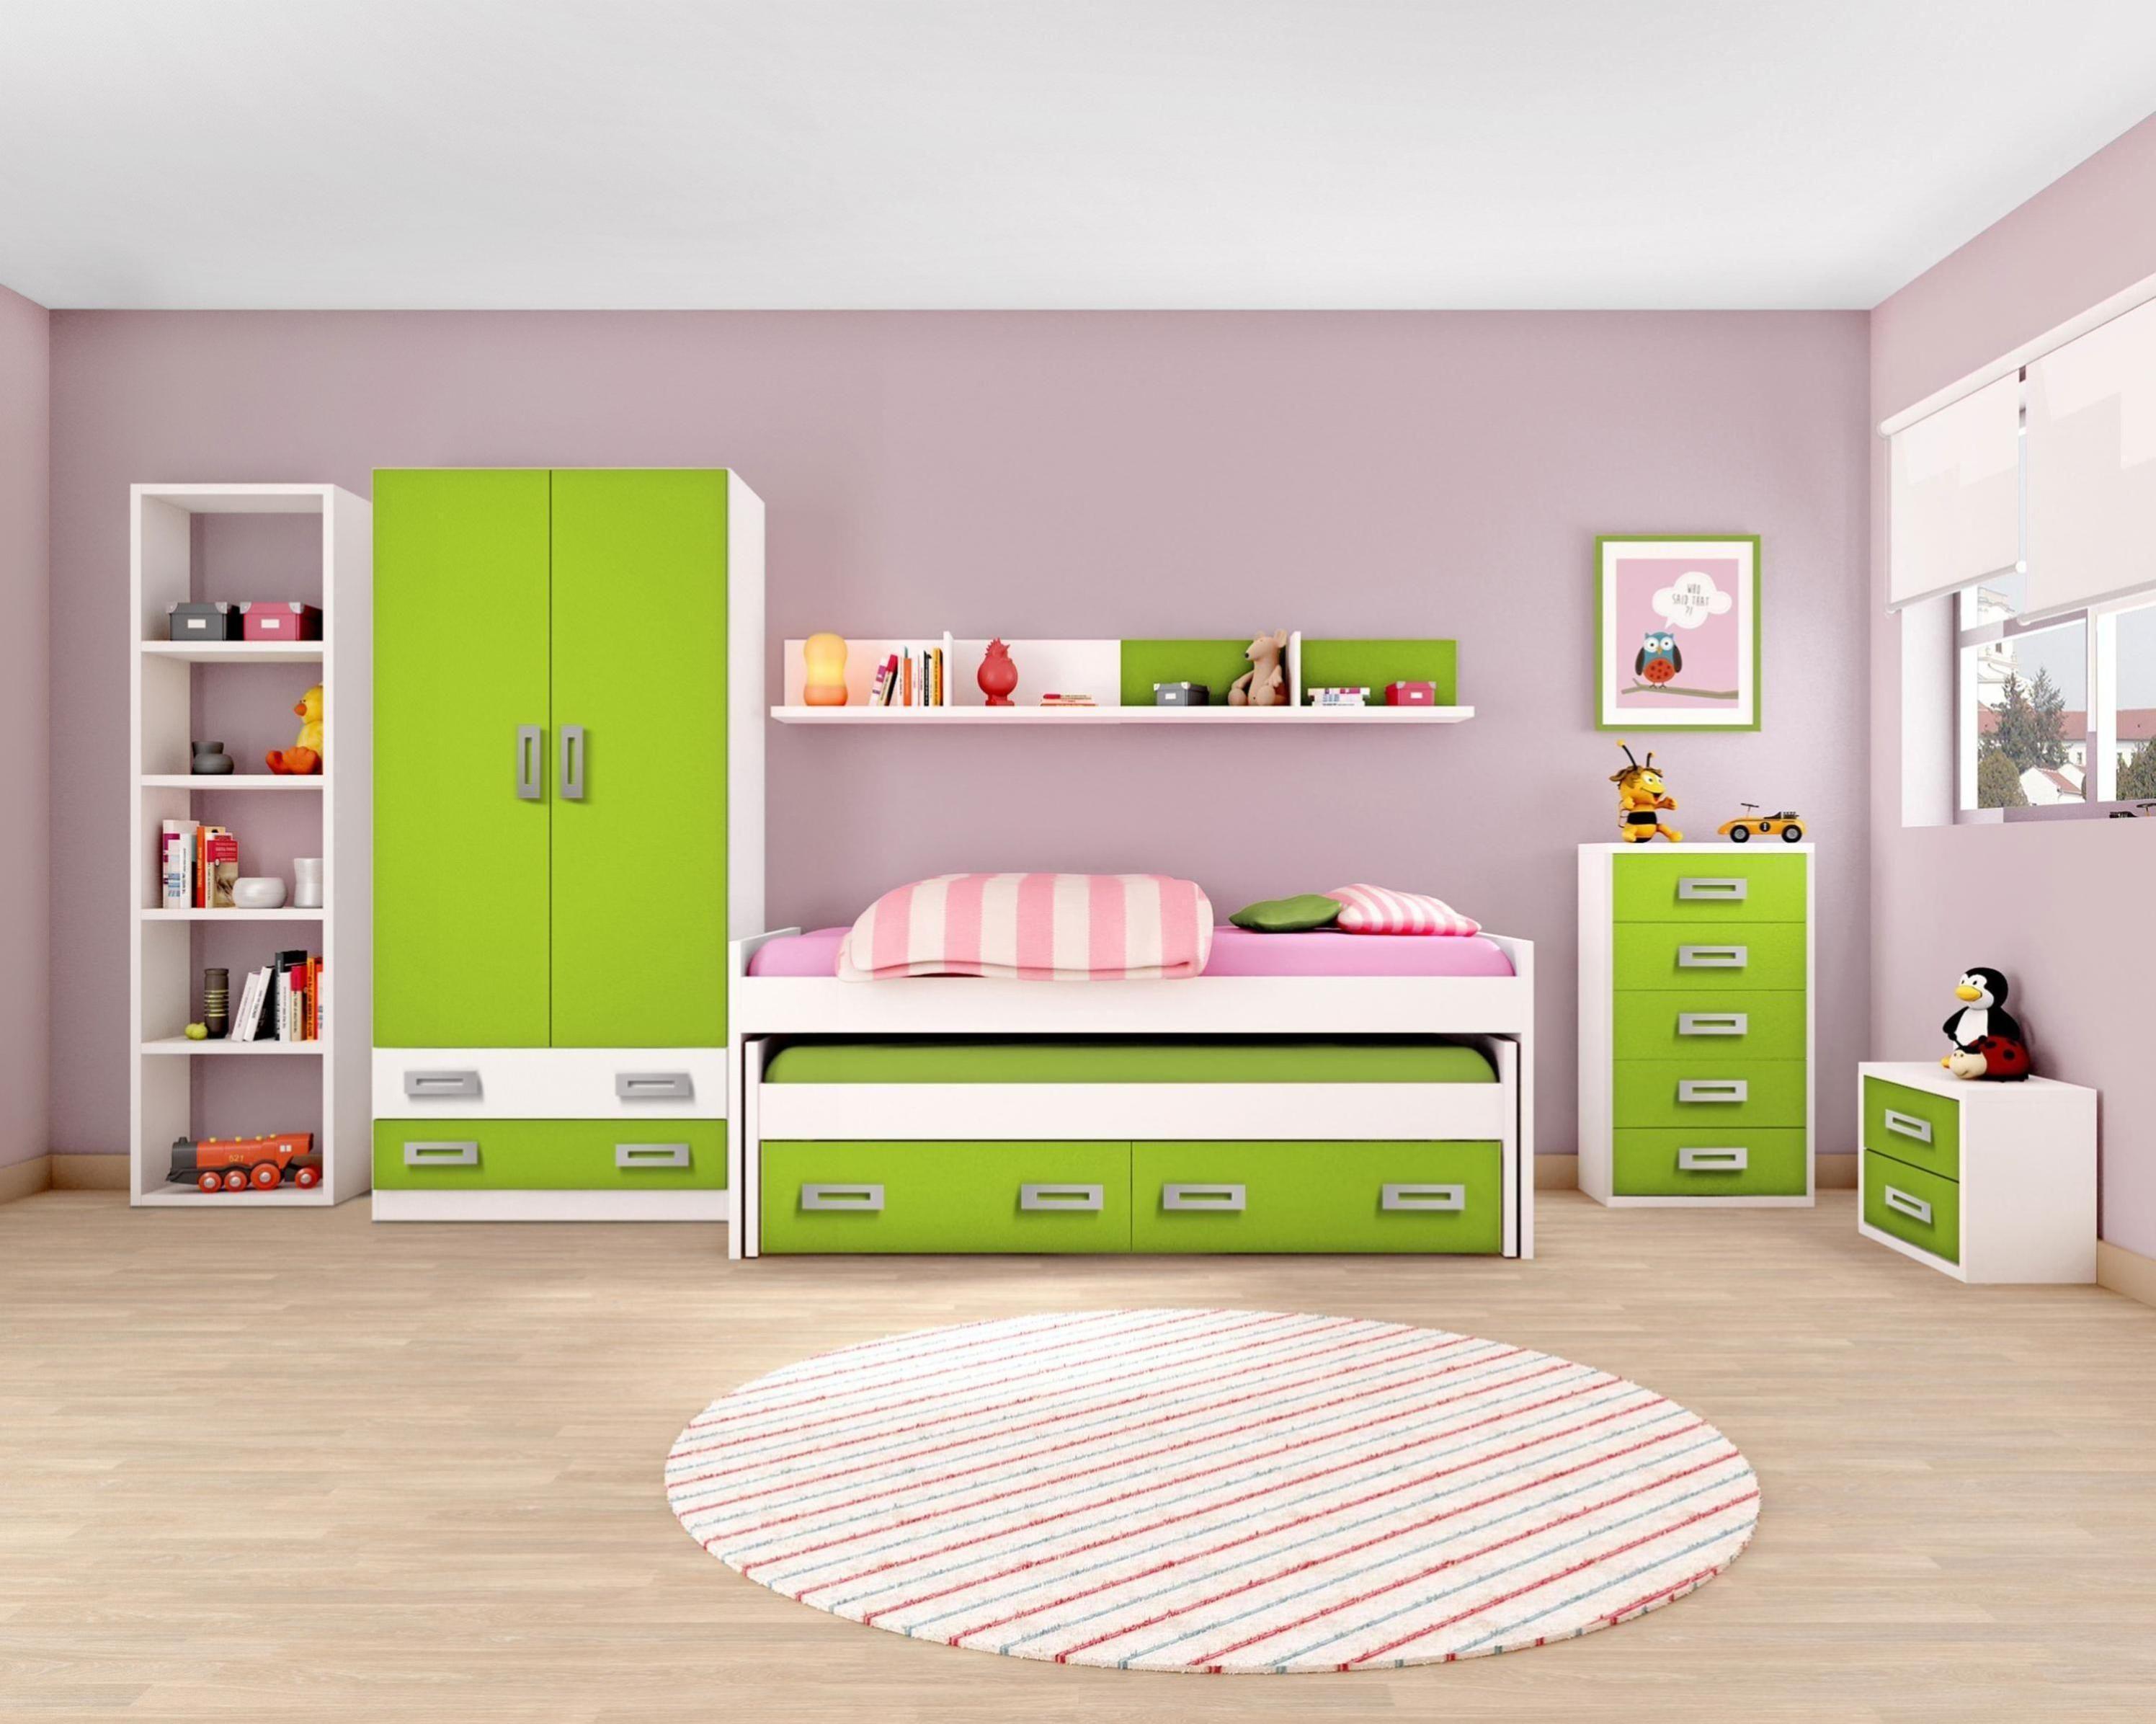 Muebles liquidatodo valladolid obtenga ideas dise o de muebles para su hogar aqu - Muebles baratos valladolid ...